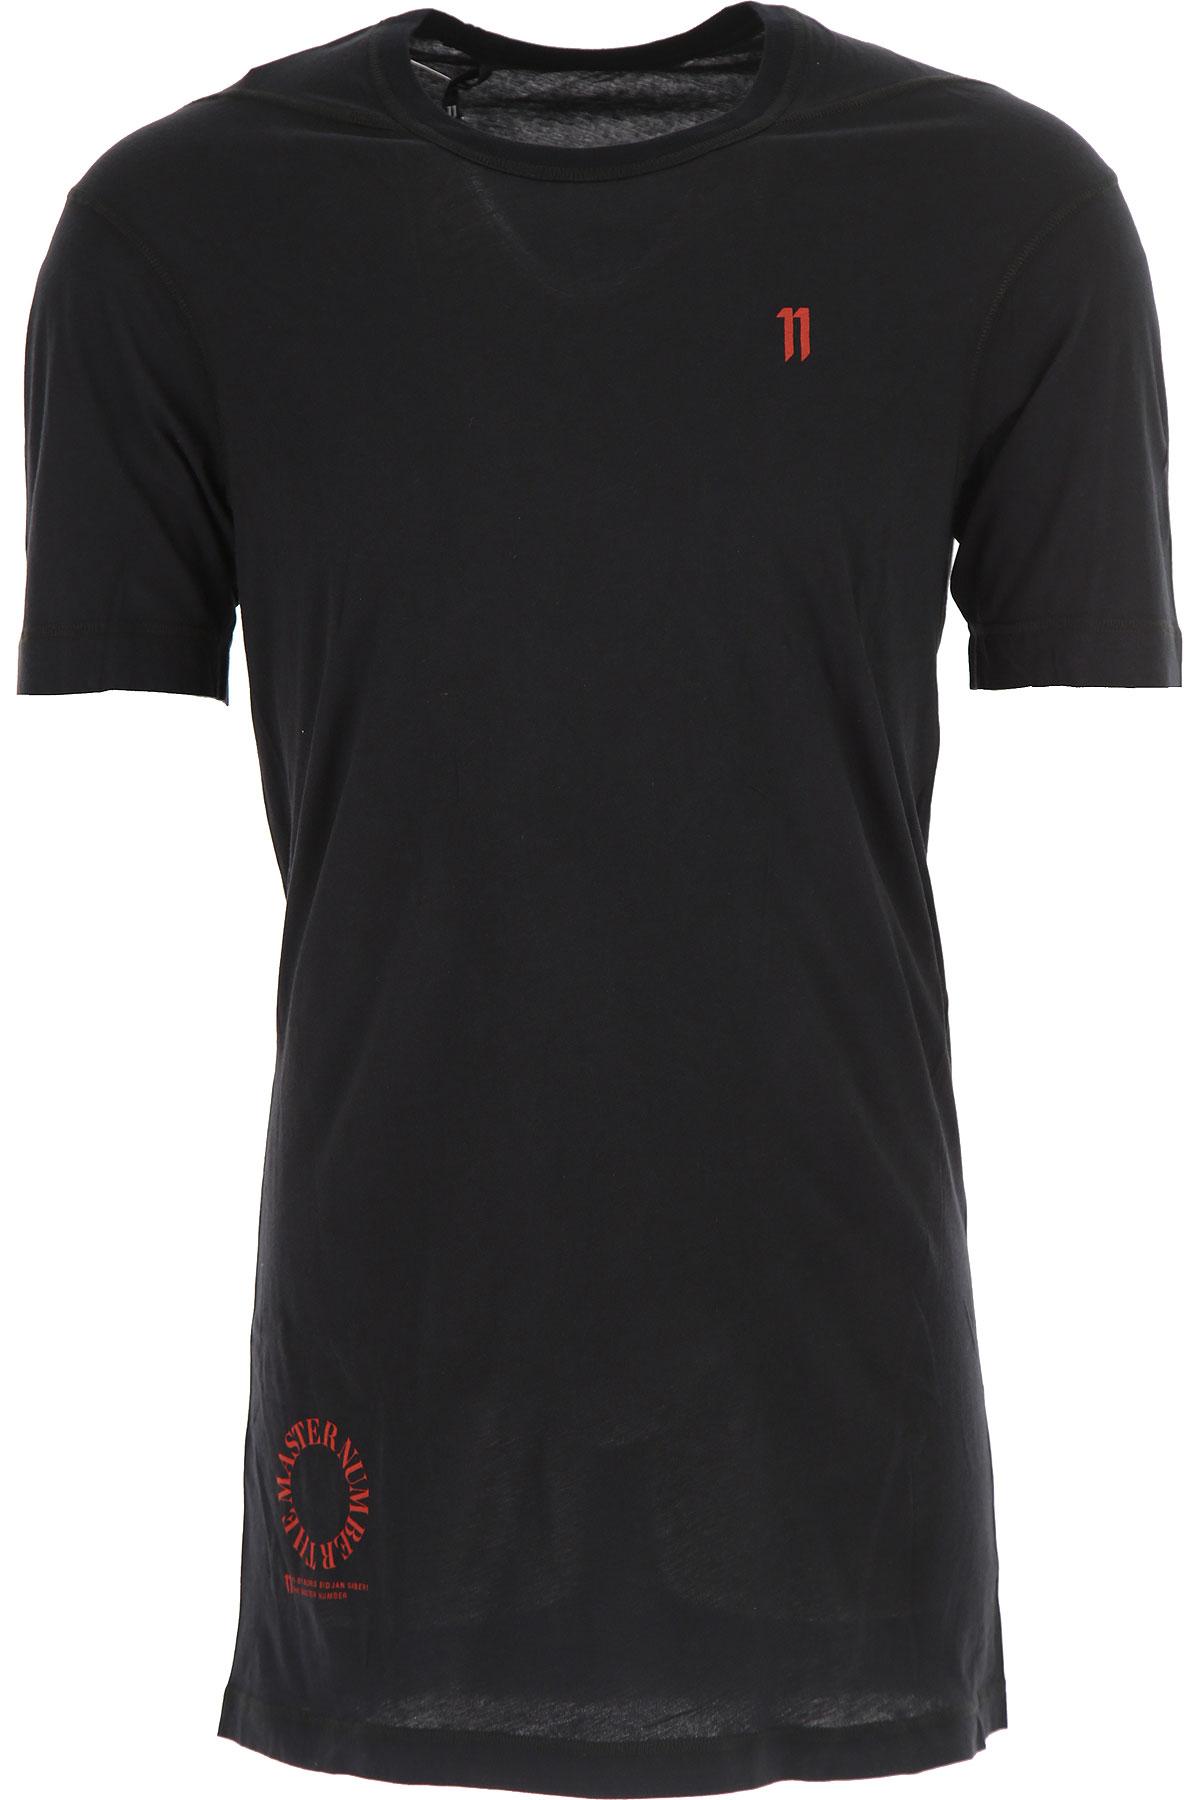 Image of 032c T-Shirt for Men, Black, Cotton, 2017, L M S XL